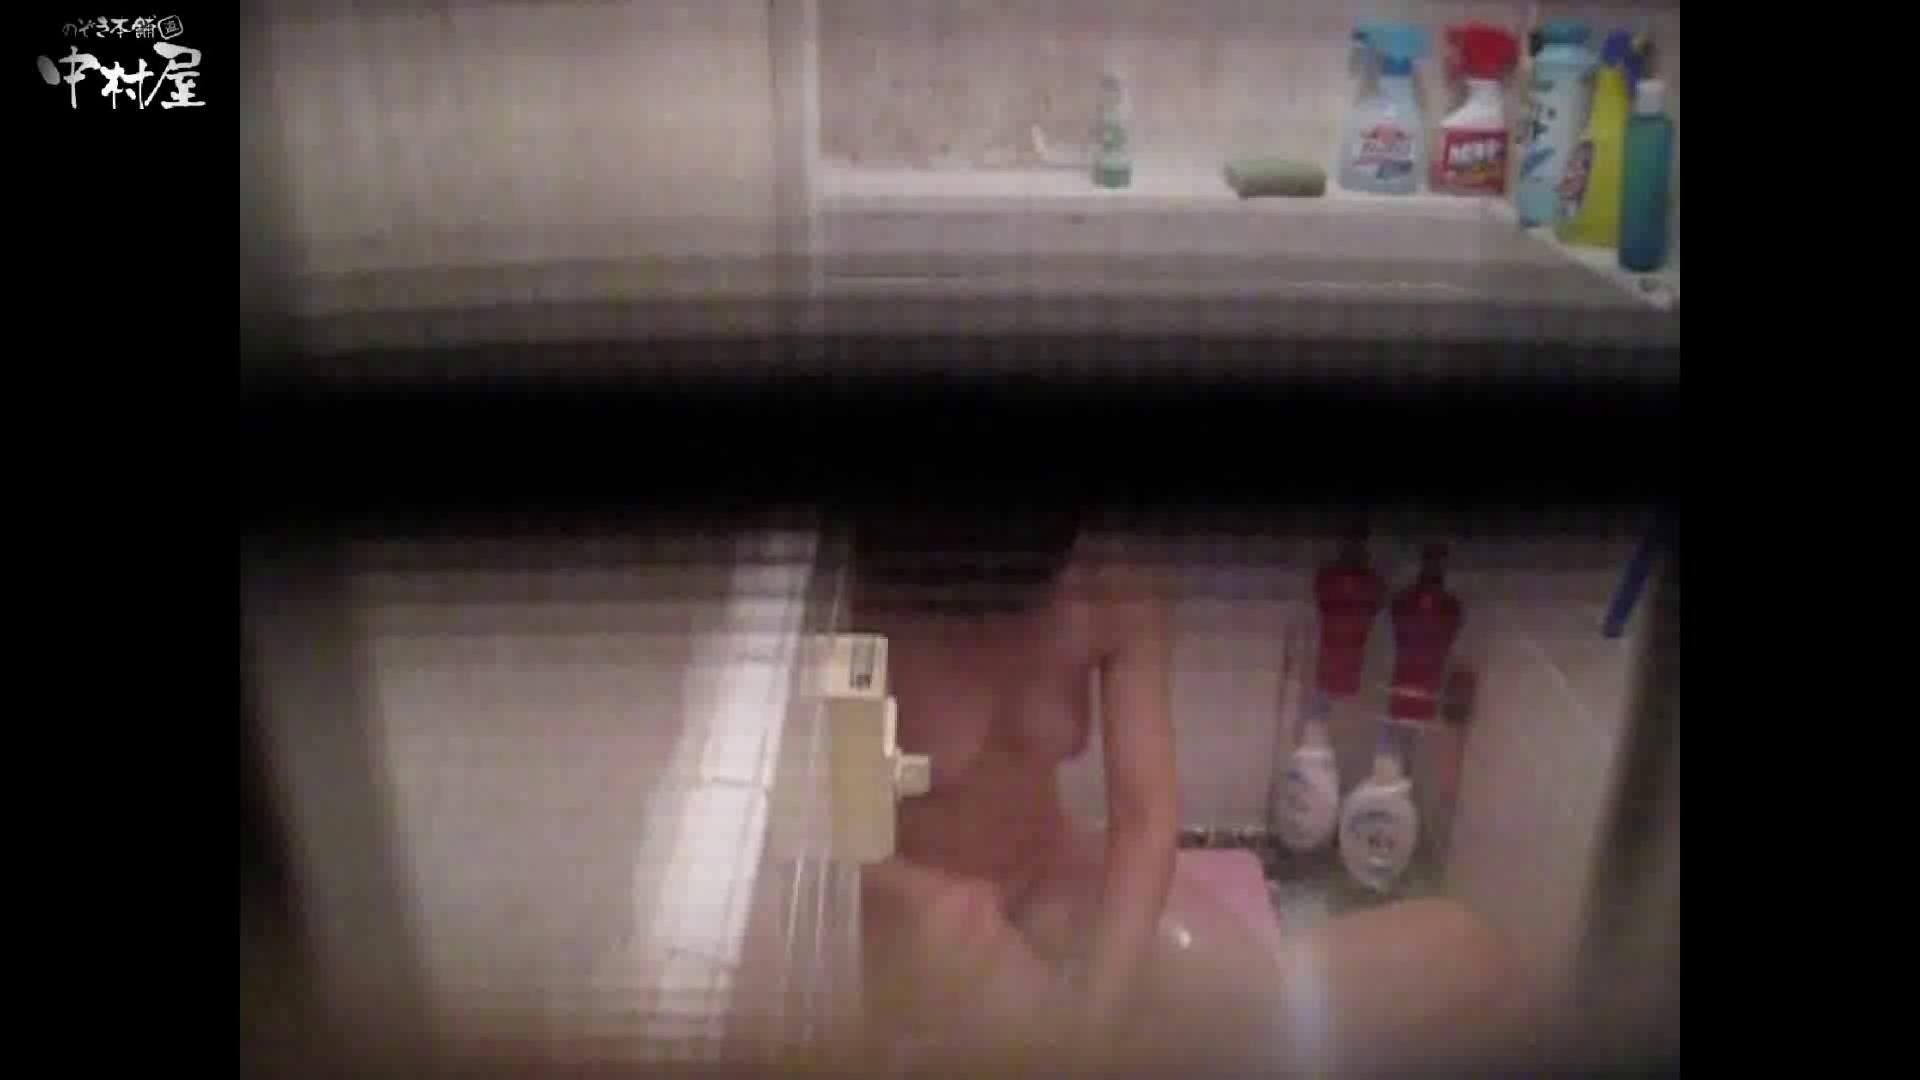 民家風呂専門盗撮師の超危険映像 vol.017 美少女エロ画像  93PICs 48